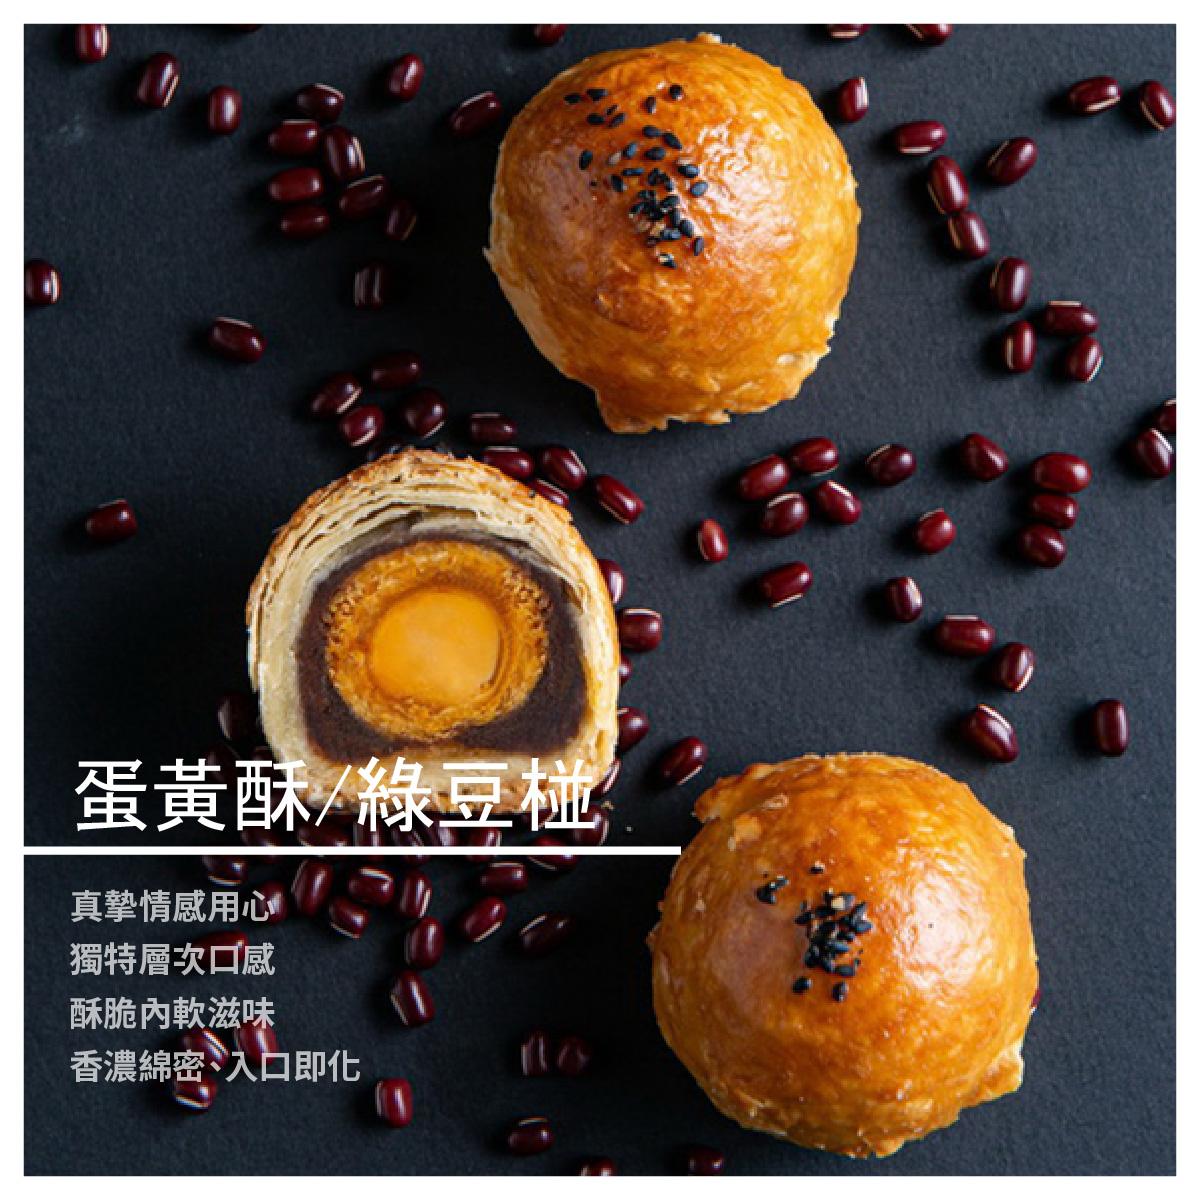 【陽光九九】蛋黃酥/綠豆椪/12入/盒